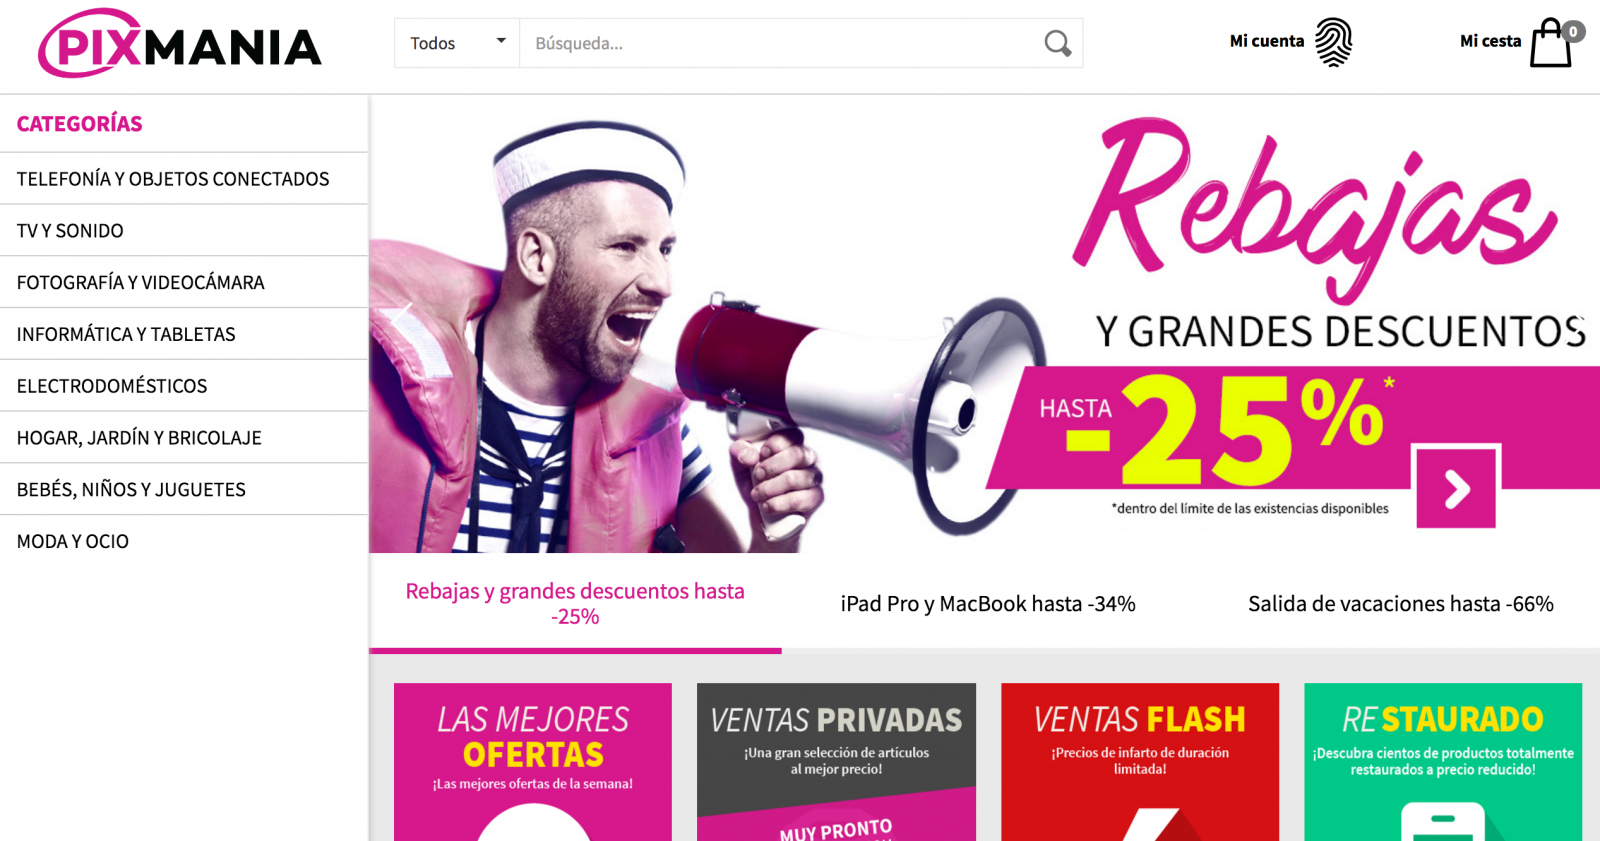 f884be959a536 La venta de productos de informática en España crece cada año